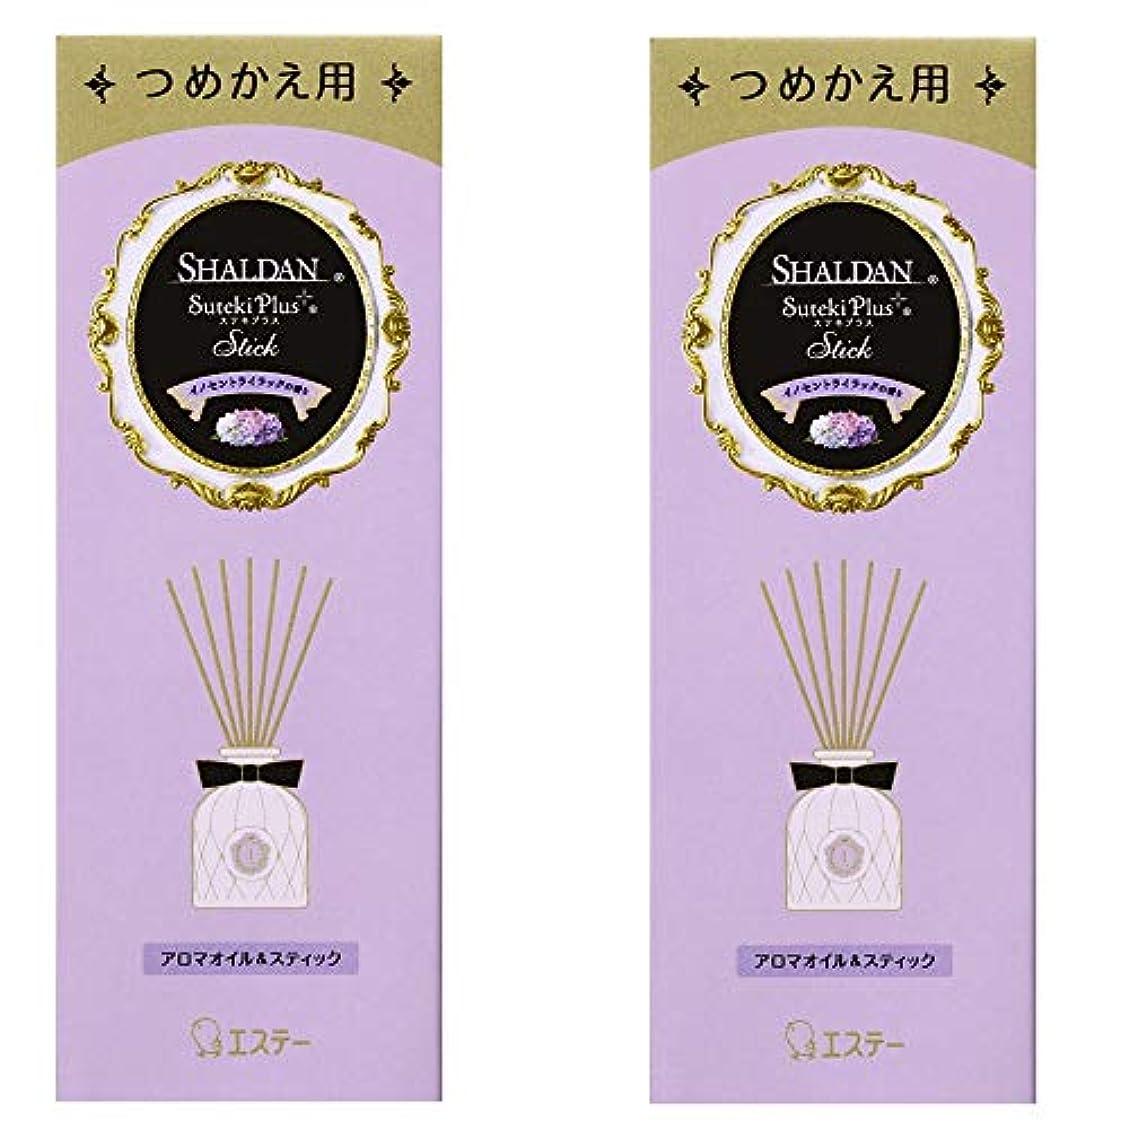 真実アジテーショングリル【まとめ買い】 シャルダン SHALDAN ステキプラス スティック 消臭芳香剤 部屋用 つめかえ イノセントライラックの香り 45ml×2個